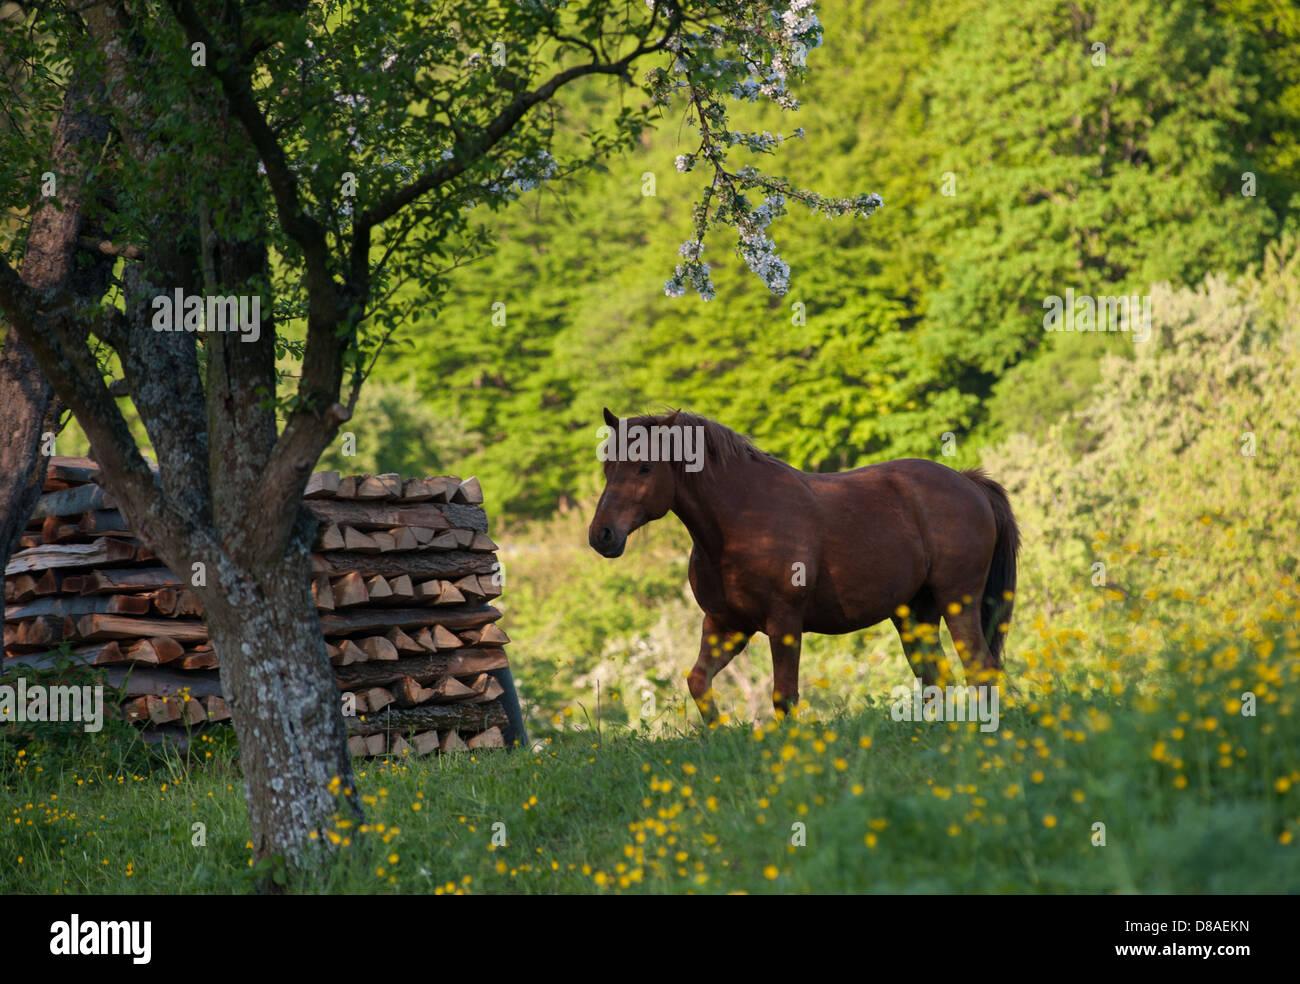 brown horse in flower meadow with fruit trees, Germany, Schwaebische Alb - Stock Image